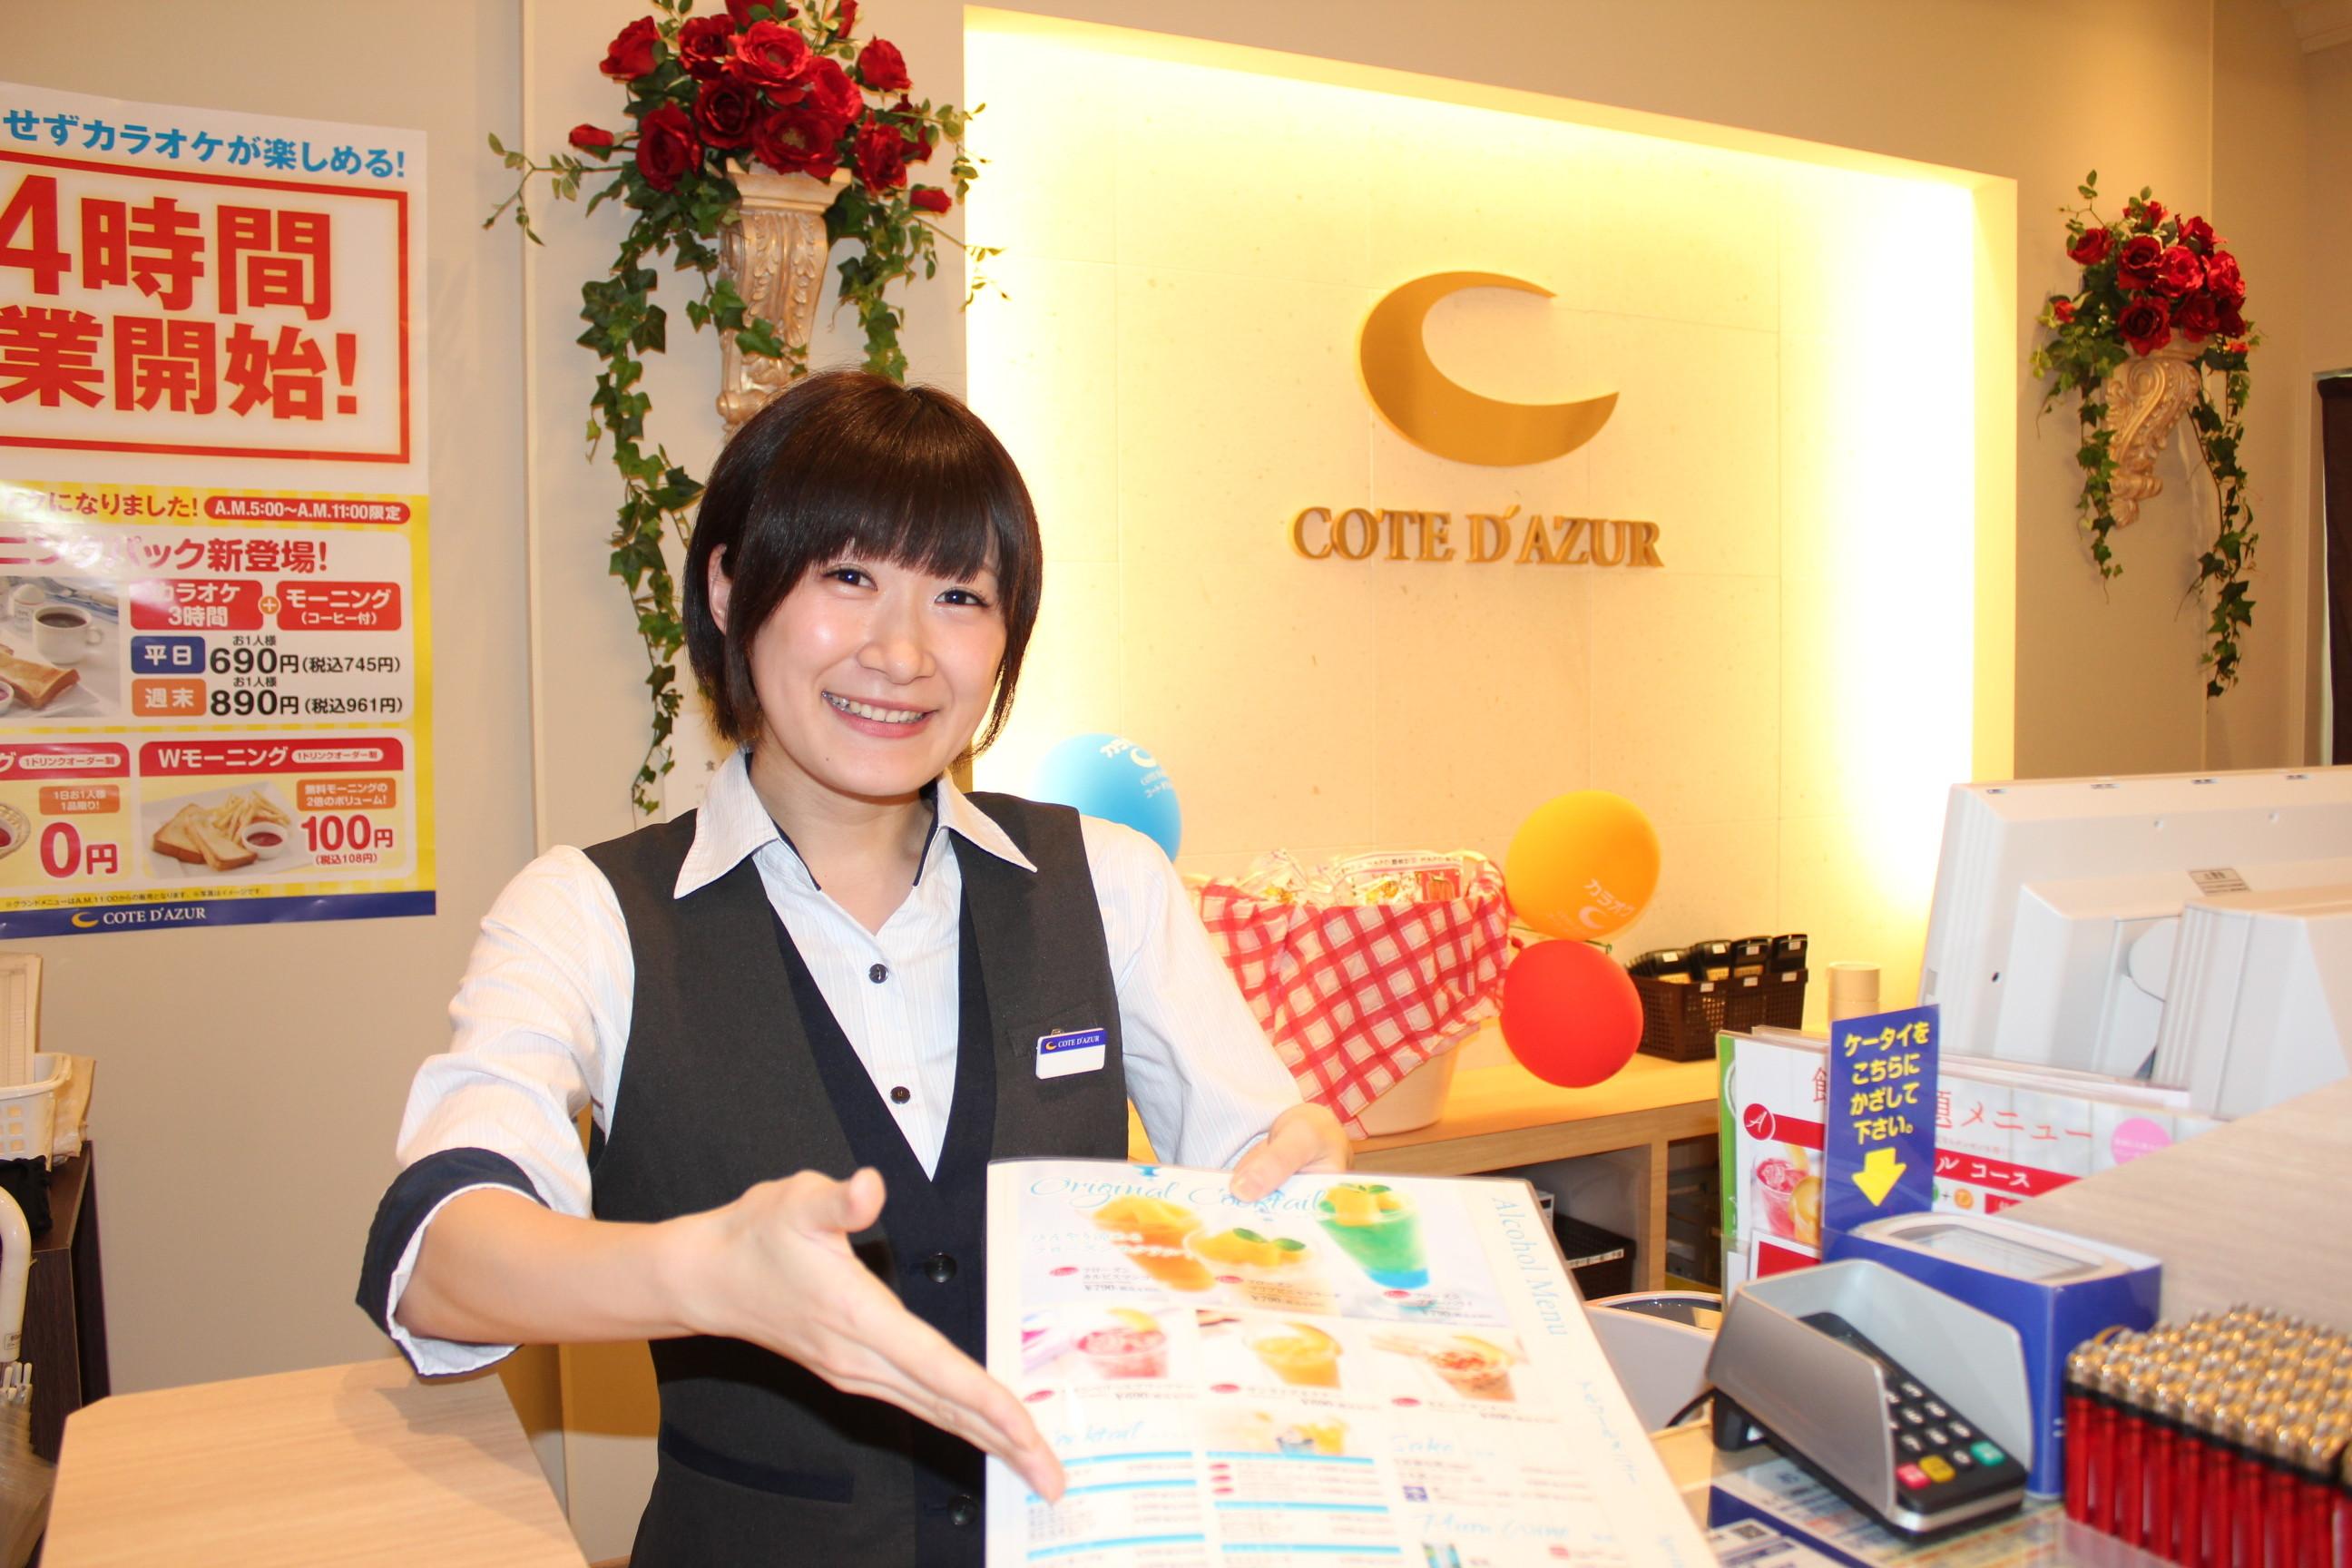 コート・ダジュール 多摩ニュータウン店 のアルバイト情報